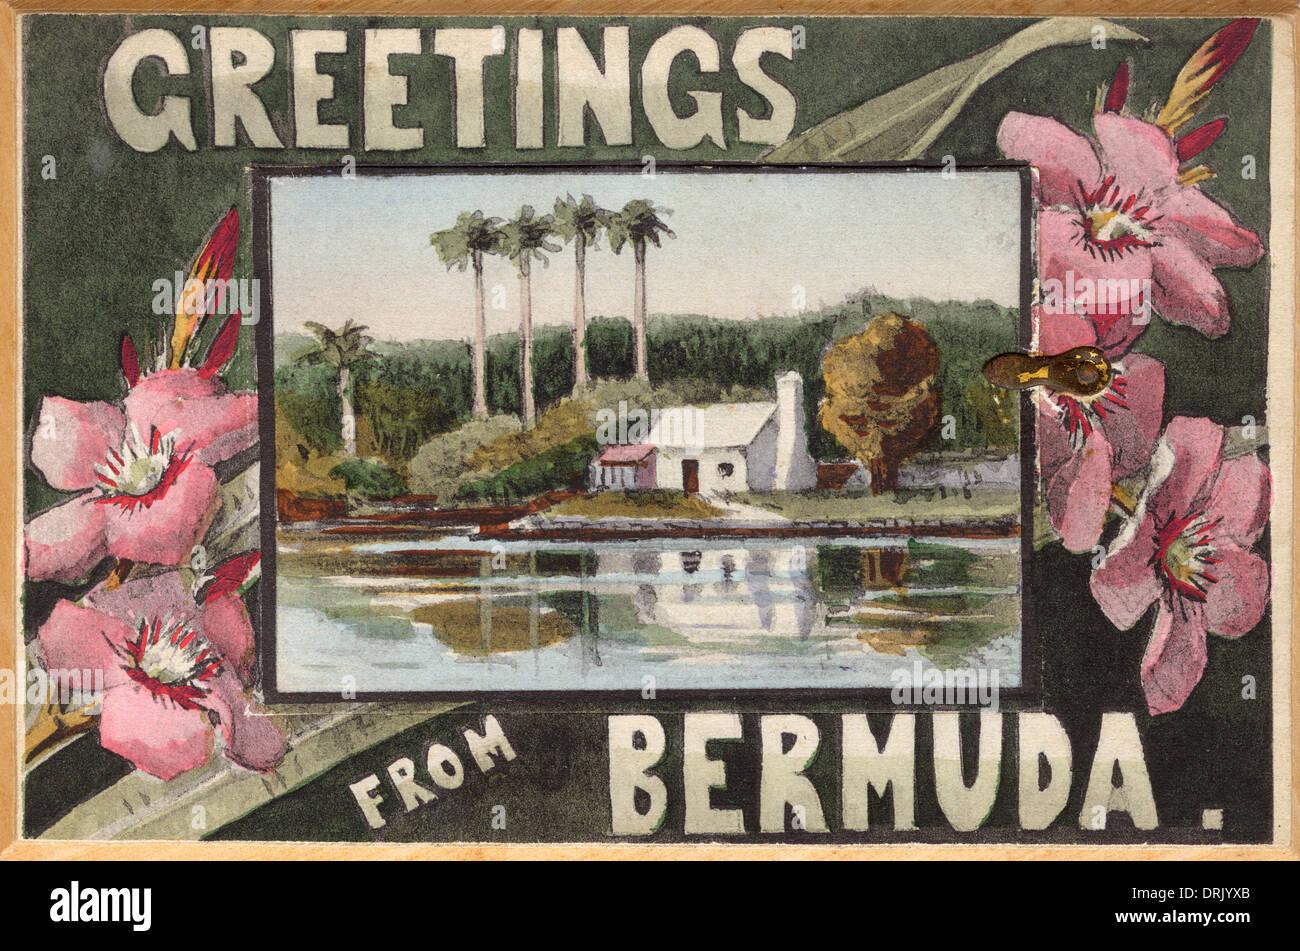 Greetings from Bermuda - Stock Image